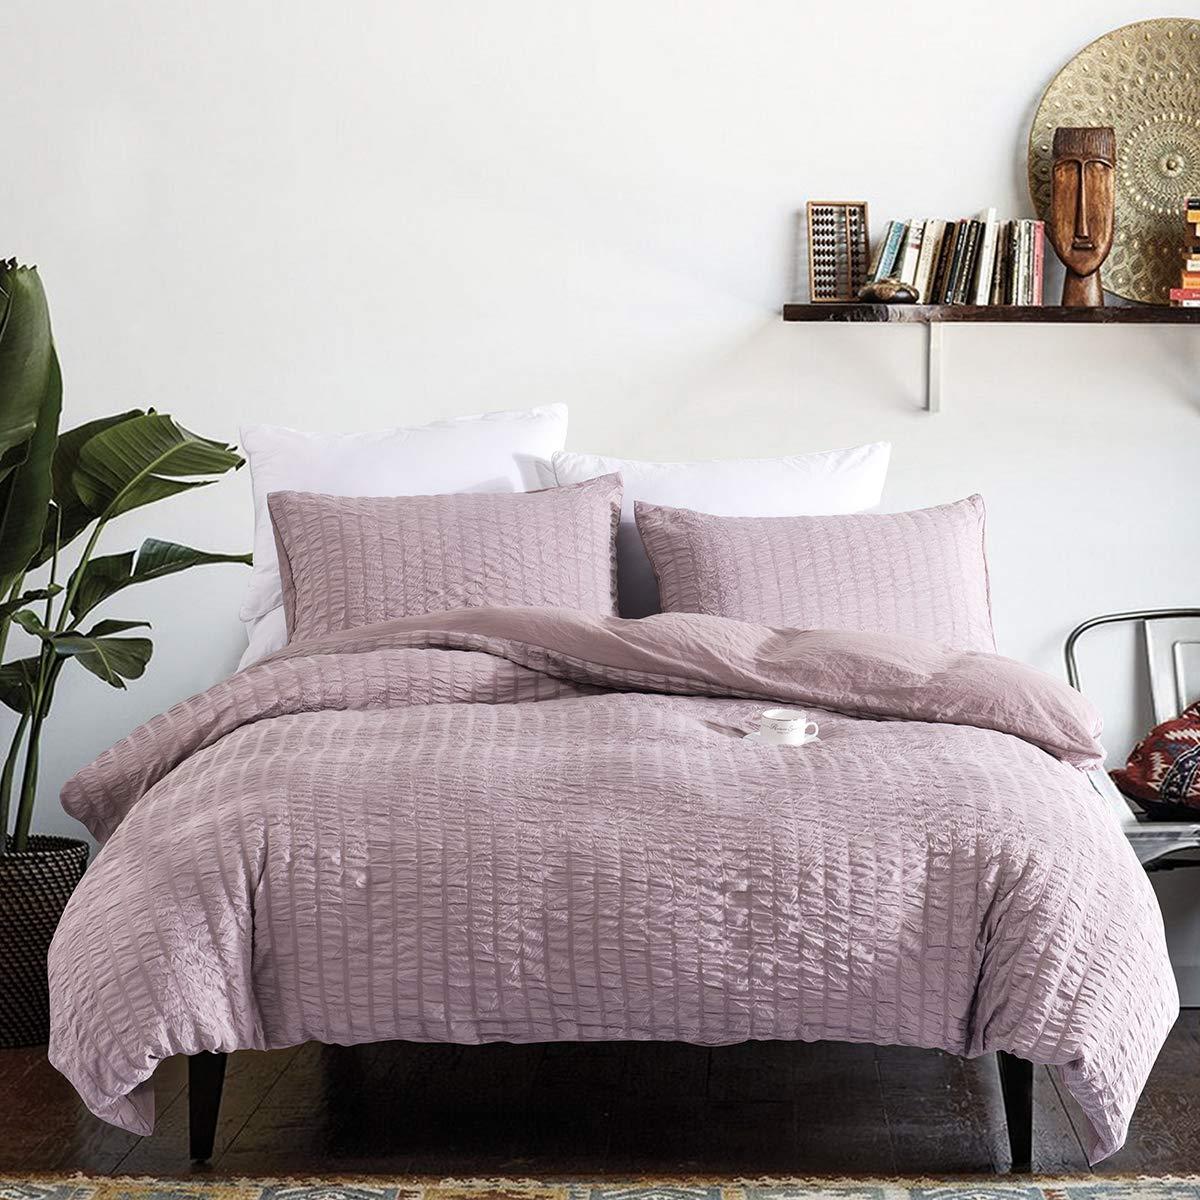 Ultra-Soft /& Hypoallergenic 3 Piece King TanNicoor Seersucker Duvet Cover Set Dark Grey,Luxury Washed Cotton Comforter Quilt Bedding Covers with Zipper and Corner Ties